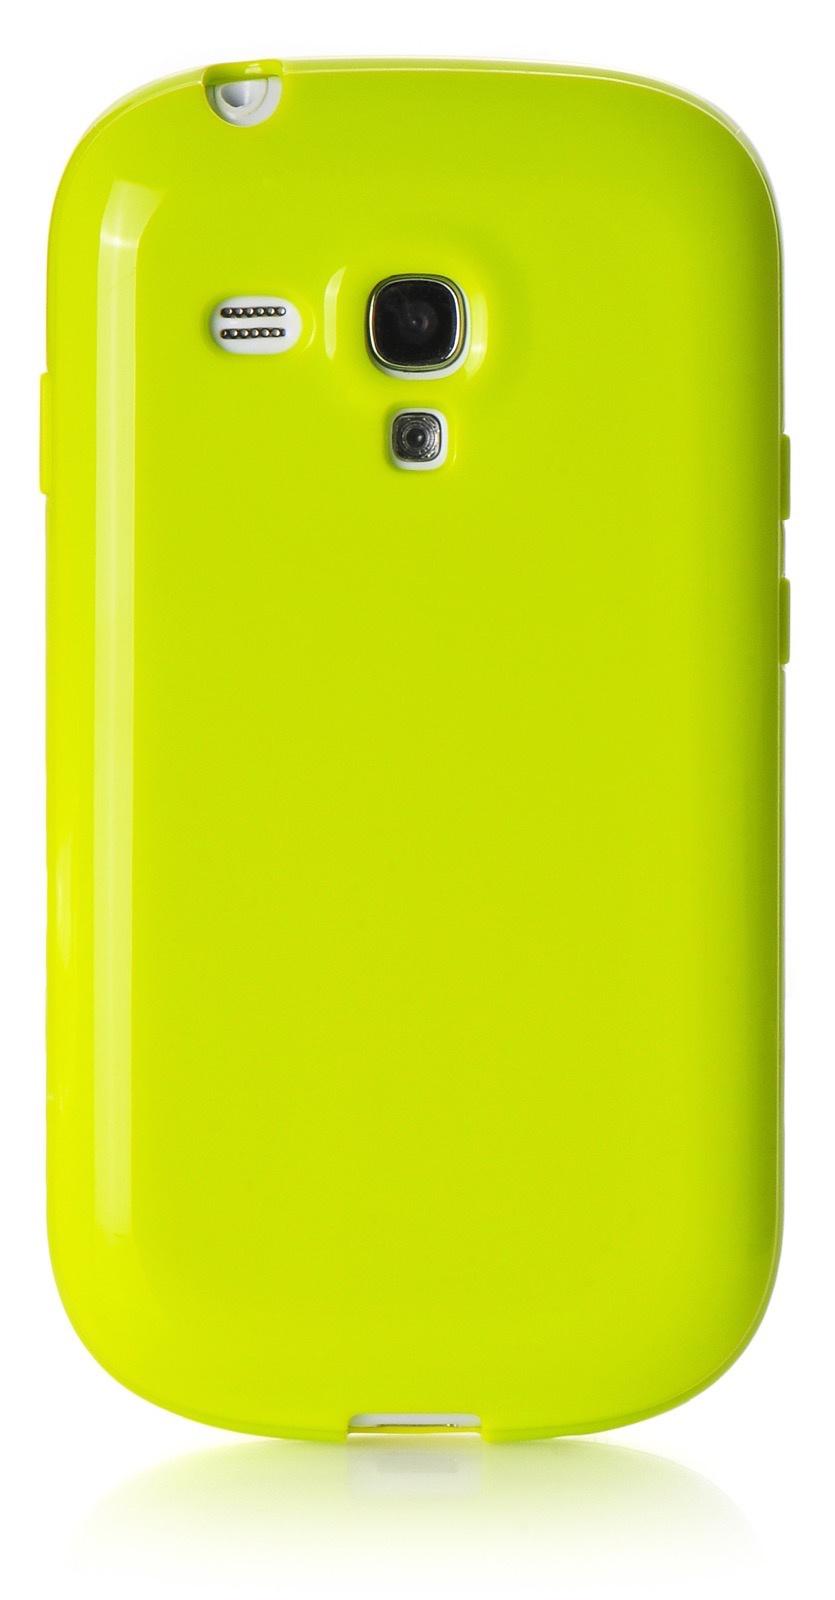 Чехол iNeez накладка силикон мыльница light green для Samsung Galaxy S3 mini,420026, салатовый